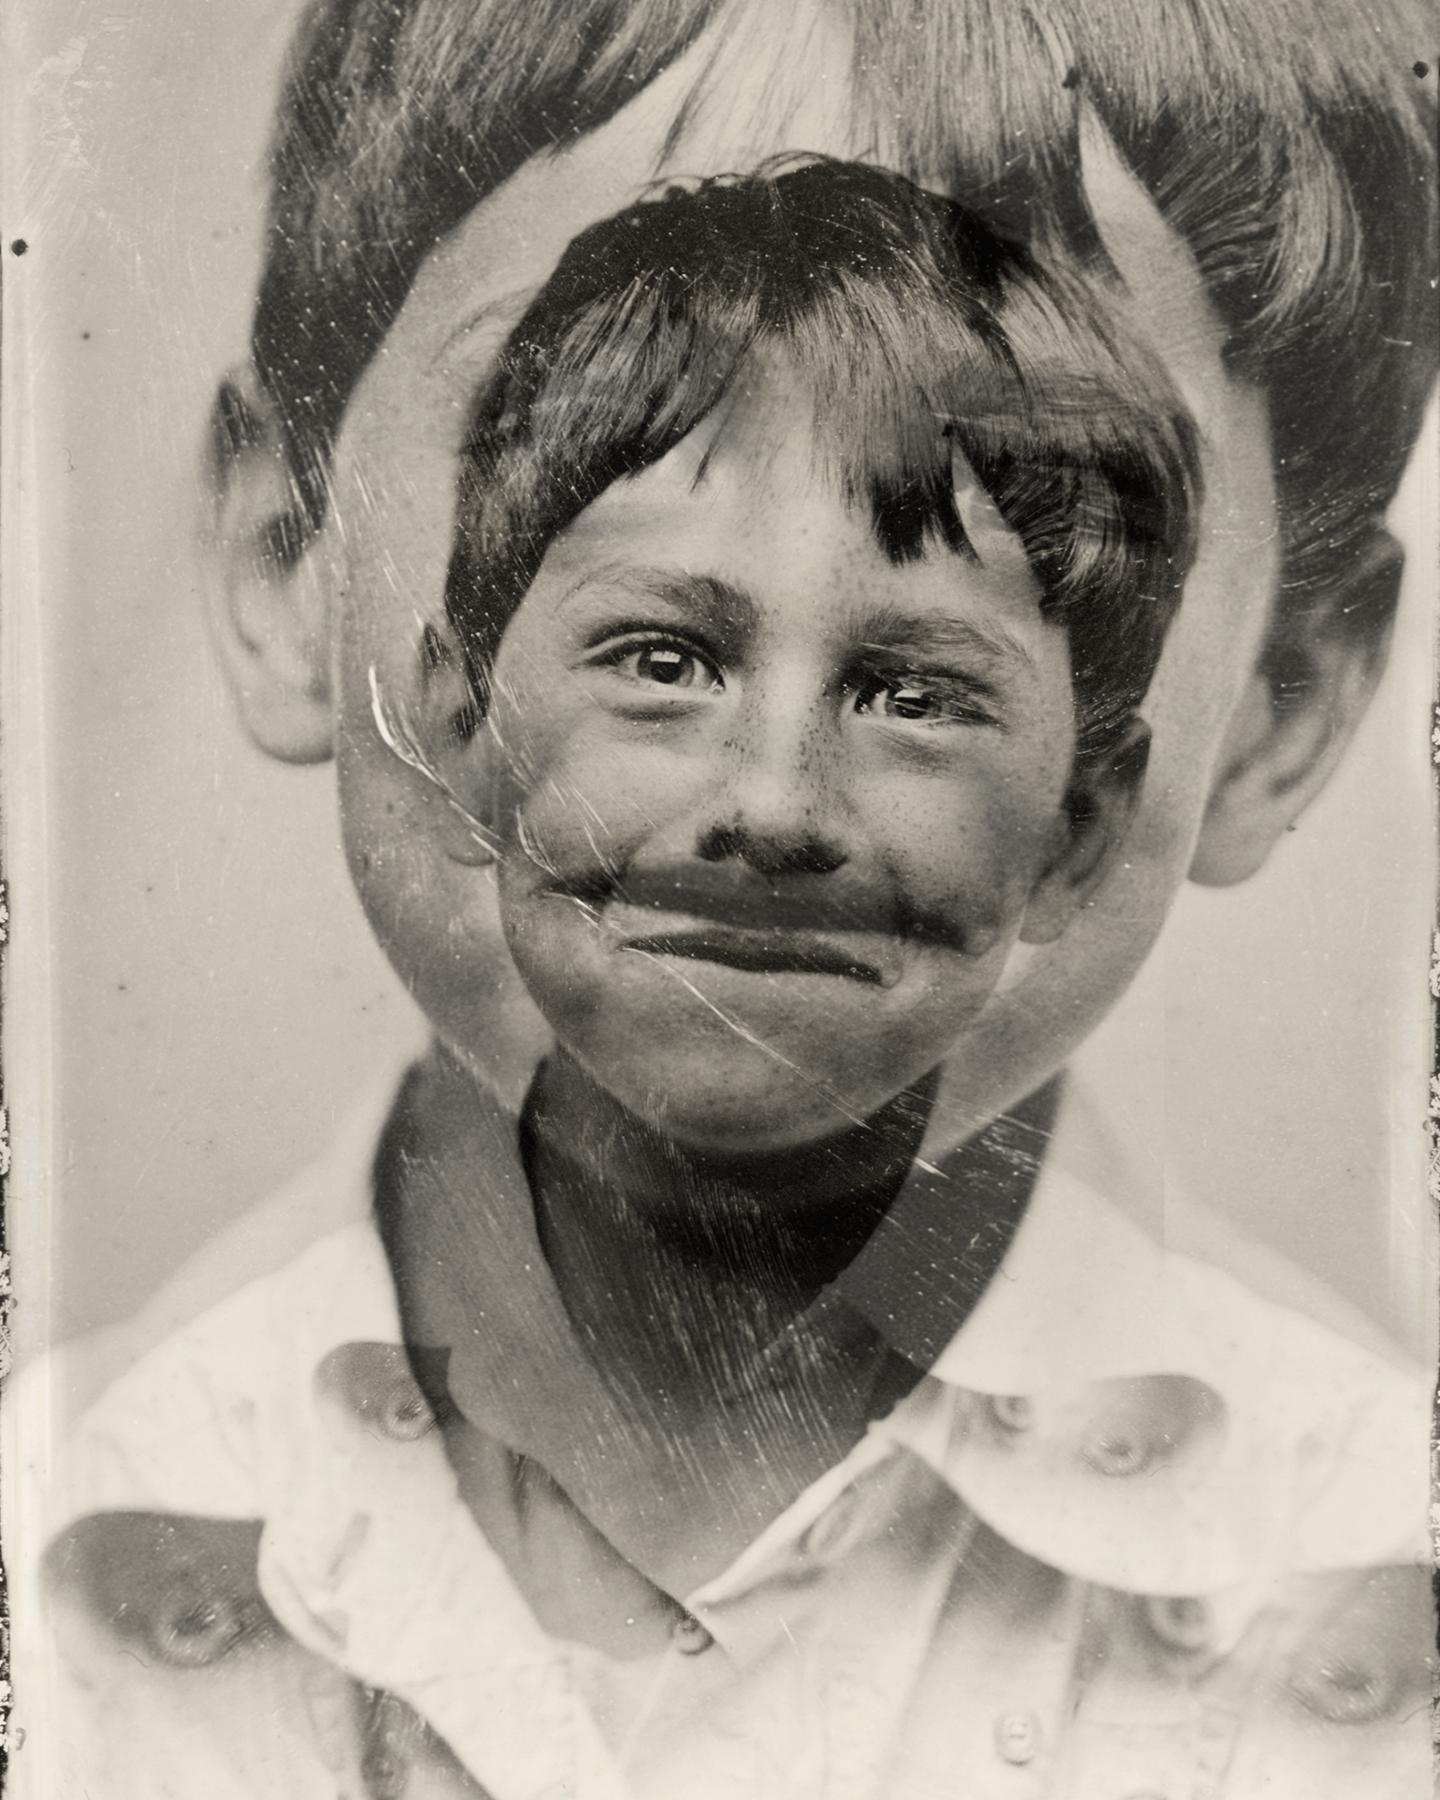 Kid_Moustache.jpg